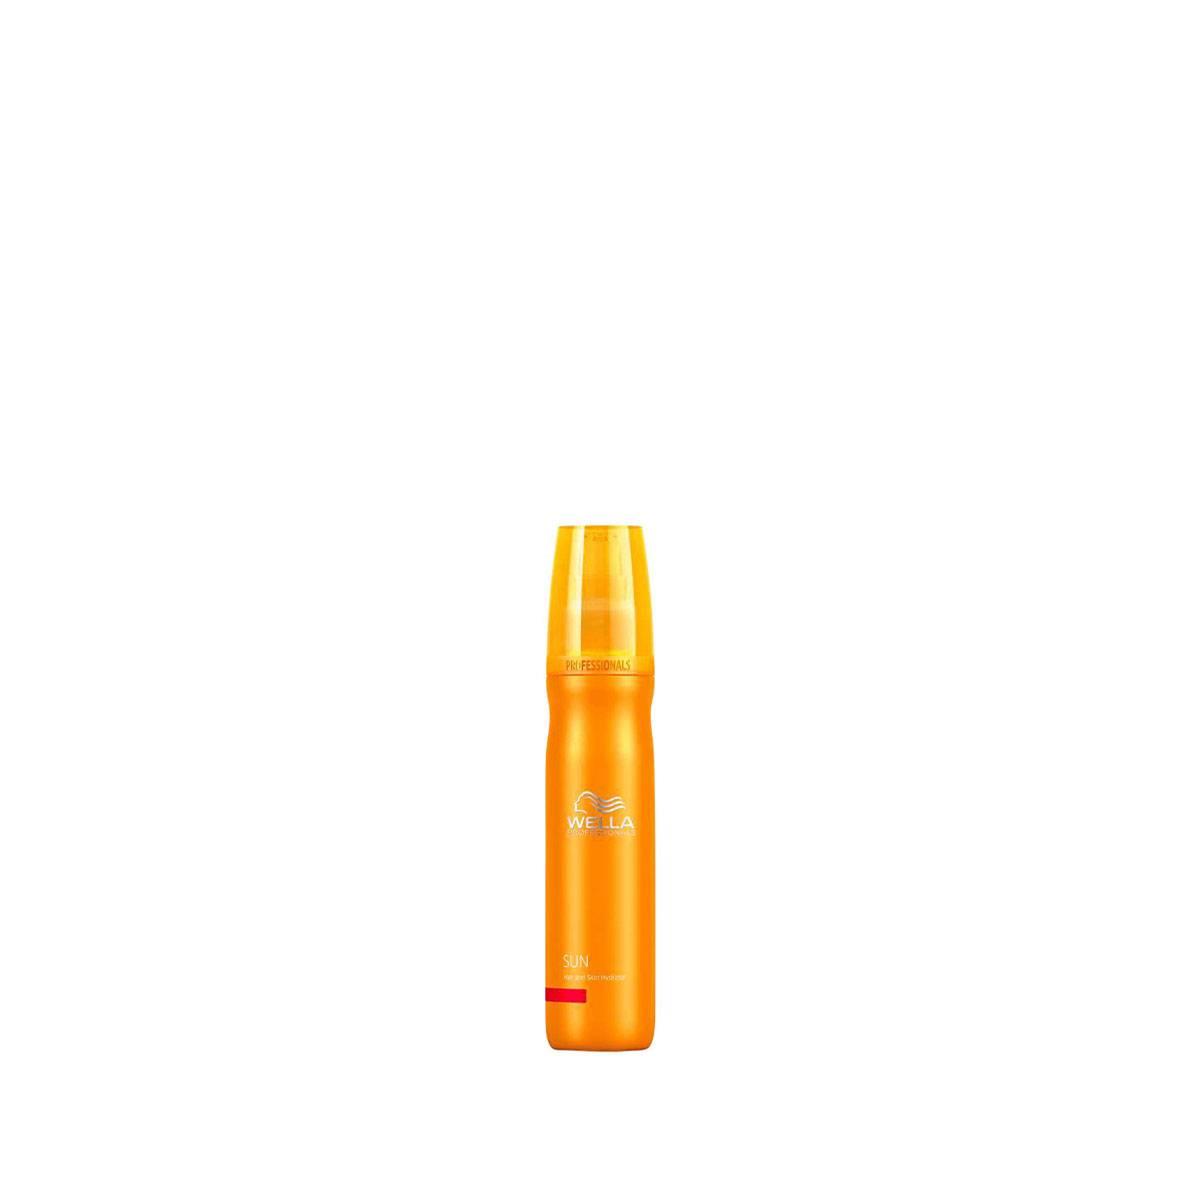 Sun Fluido Idratante Capelli & Corpo 150 Ml